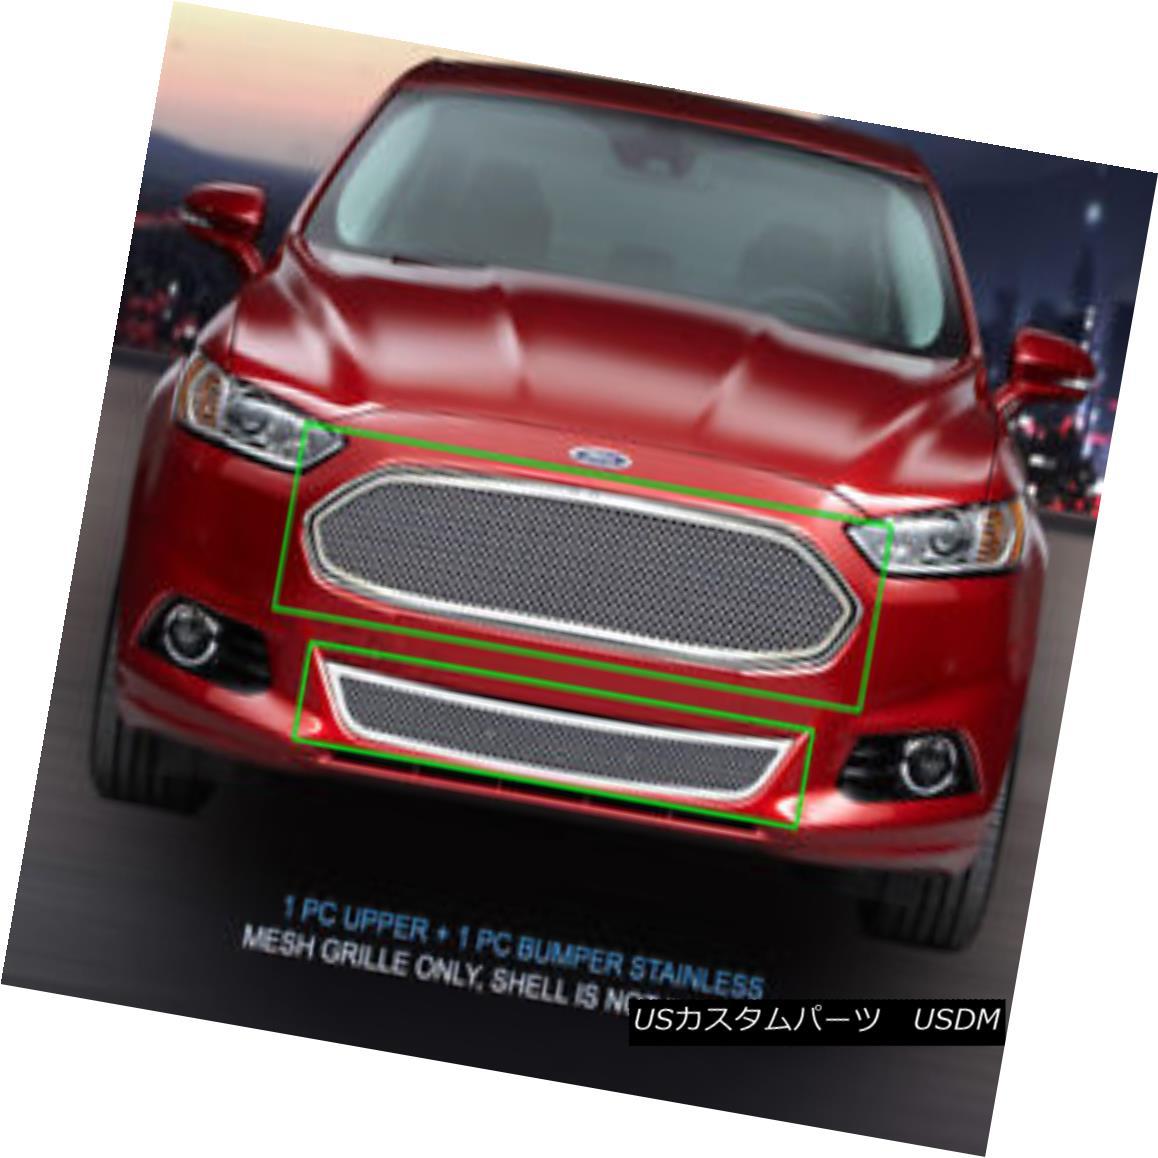 グリル Fedar Fits 2013-2015 Ford Fusion Wire Mesh Grille Combo Insert Fedarは2013年から2015年のFord Fusionワイヤーメッシュグリルコンボインサート